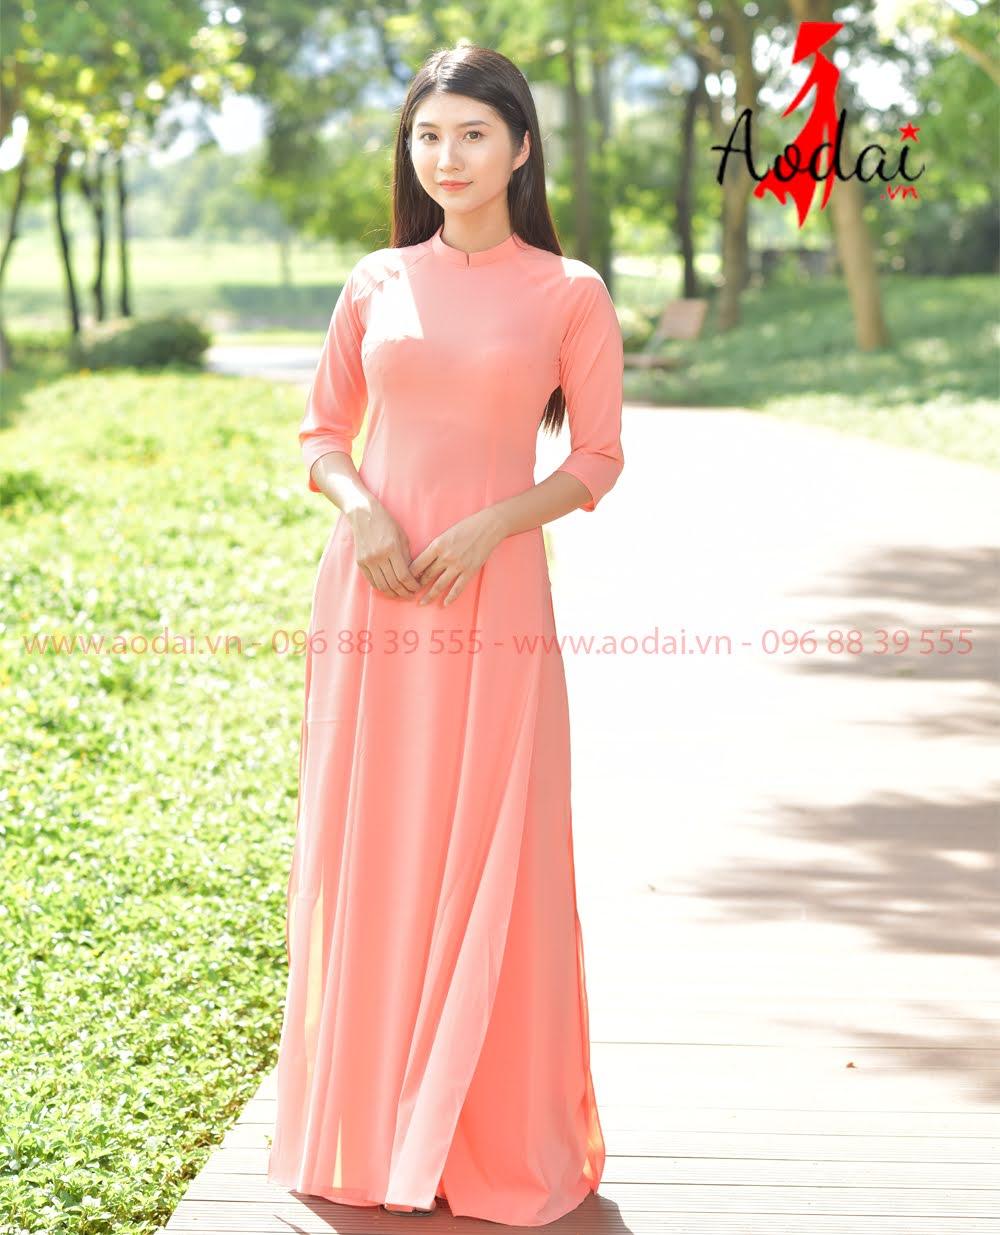 In áo dài tại Bắc Ninh